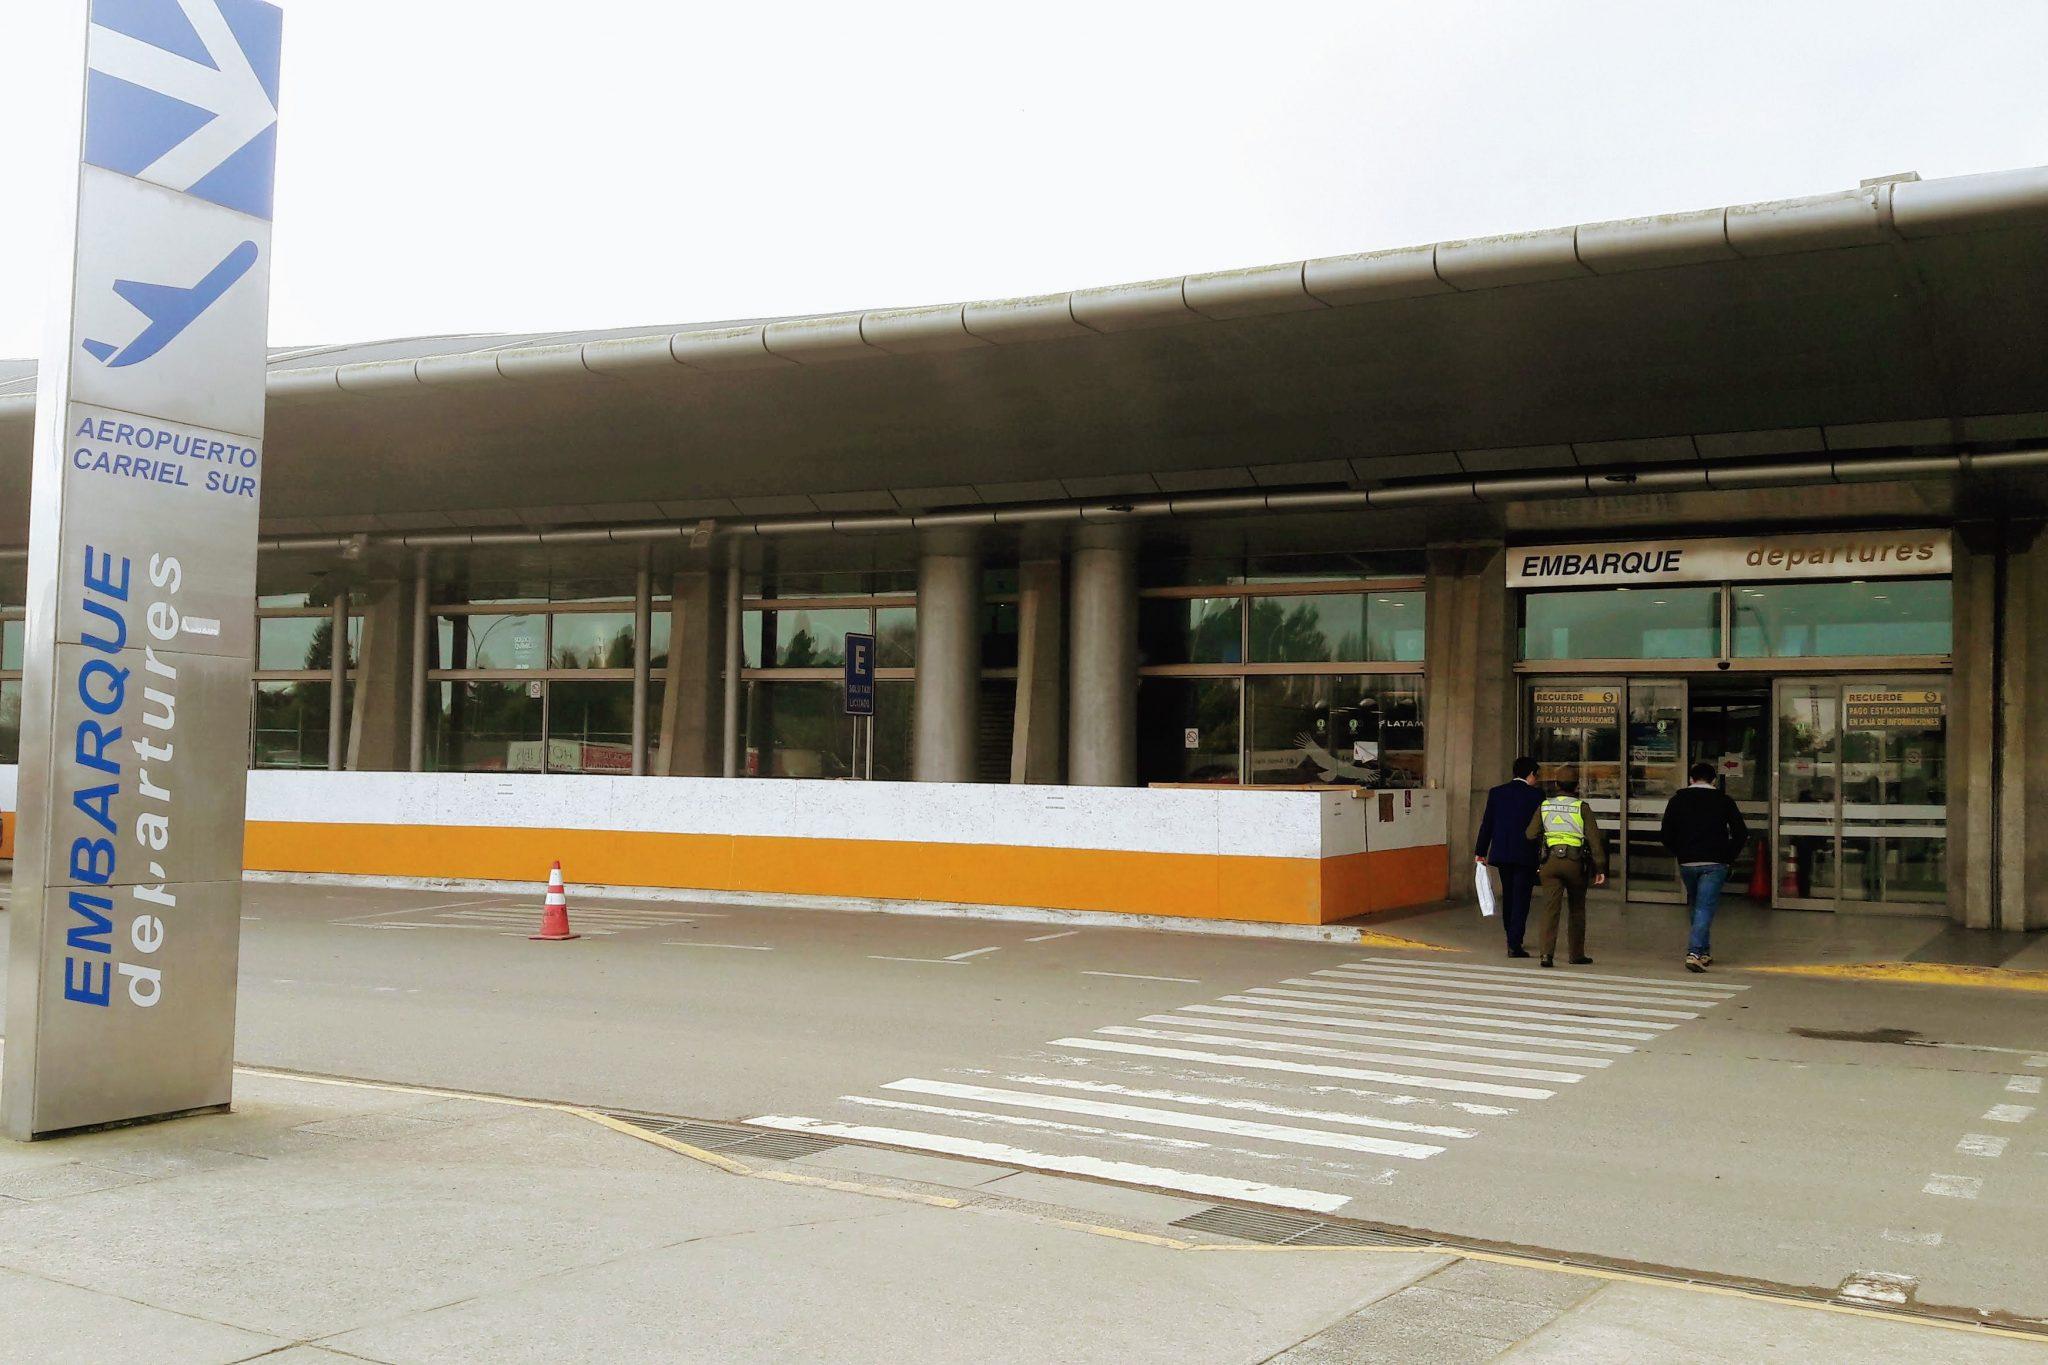 Aeropuerto Carriel Sur, Chile: Se instala opción de potenciar terminal de carga aérea en mediano plazo